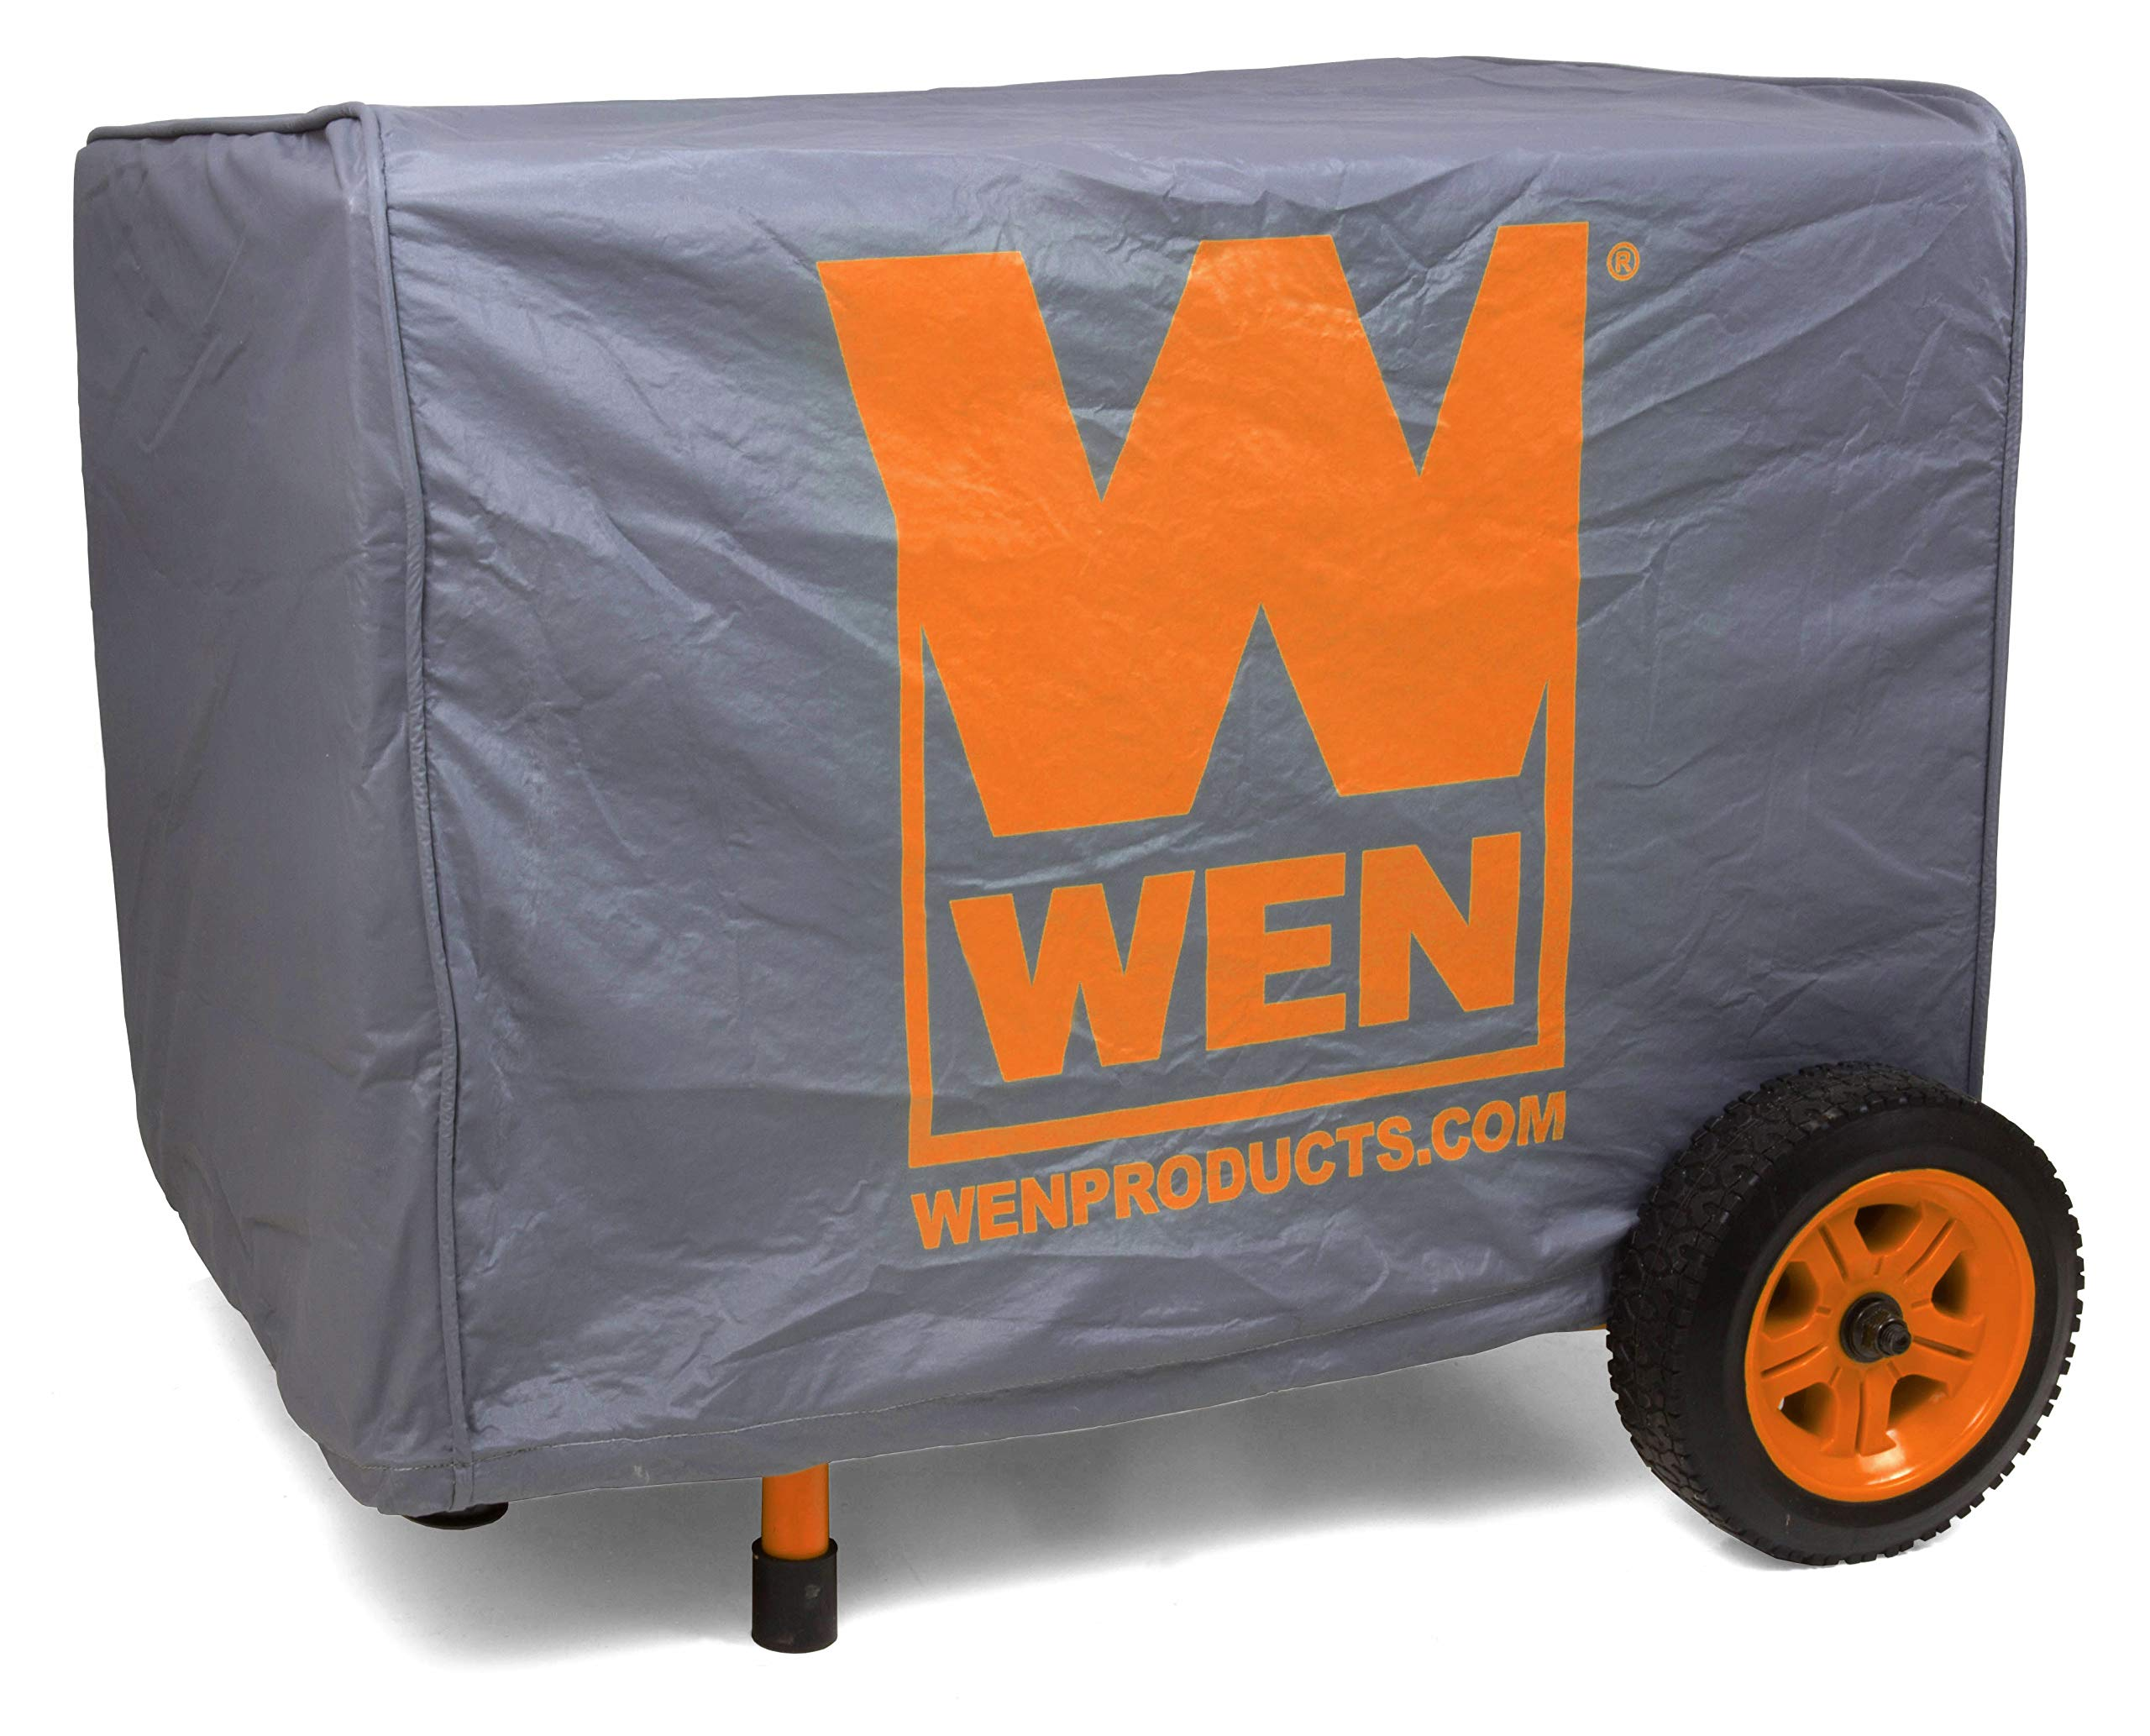 WEN 56406 Universal Weatherproof Generator Cover, Medium by WEN